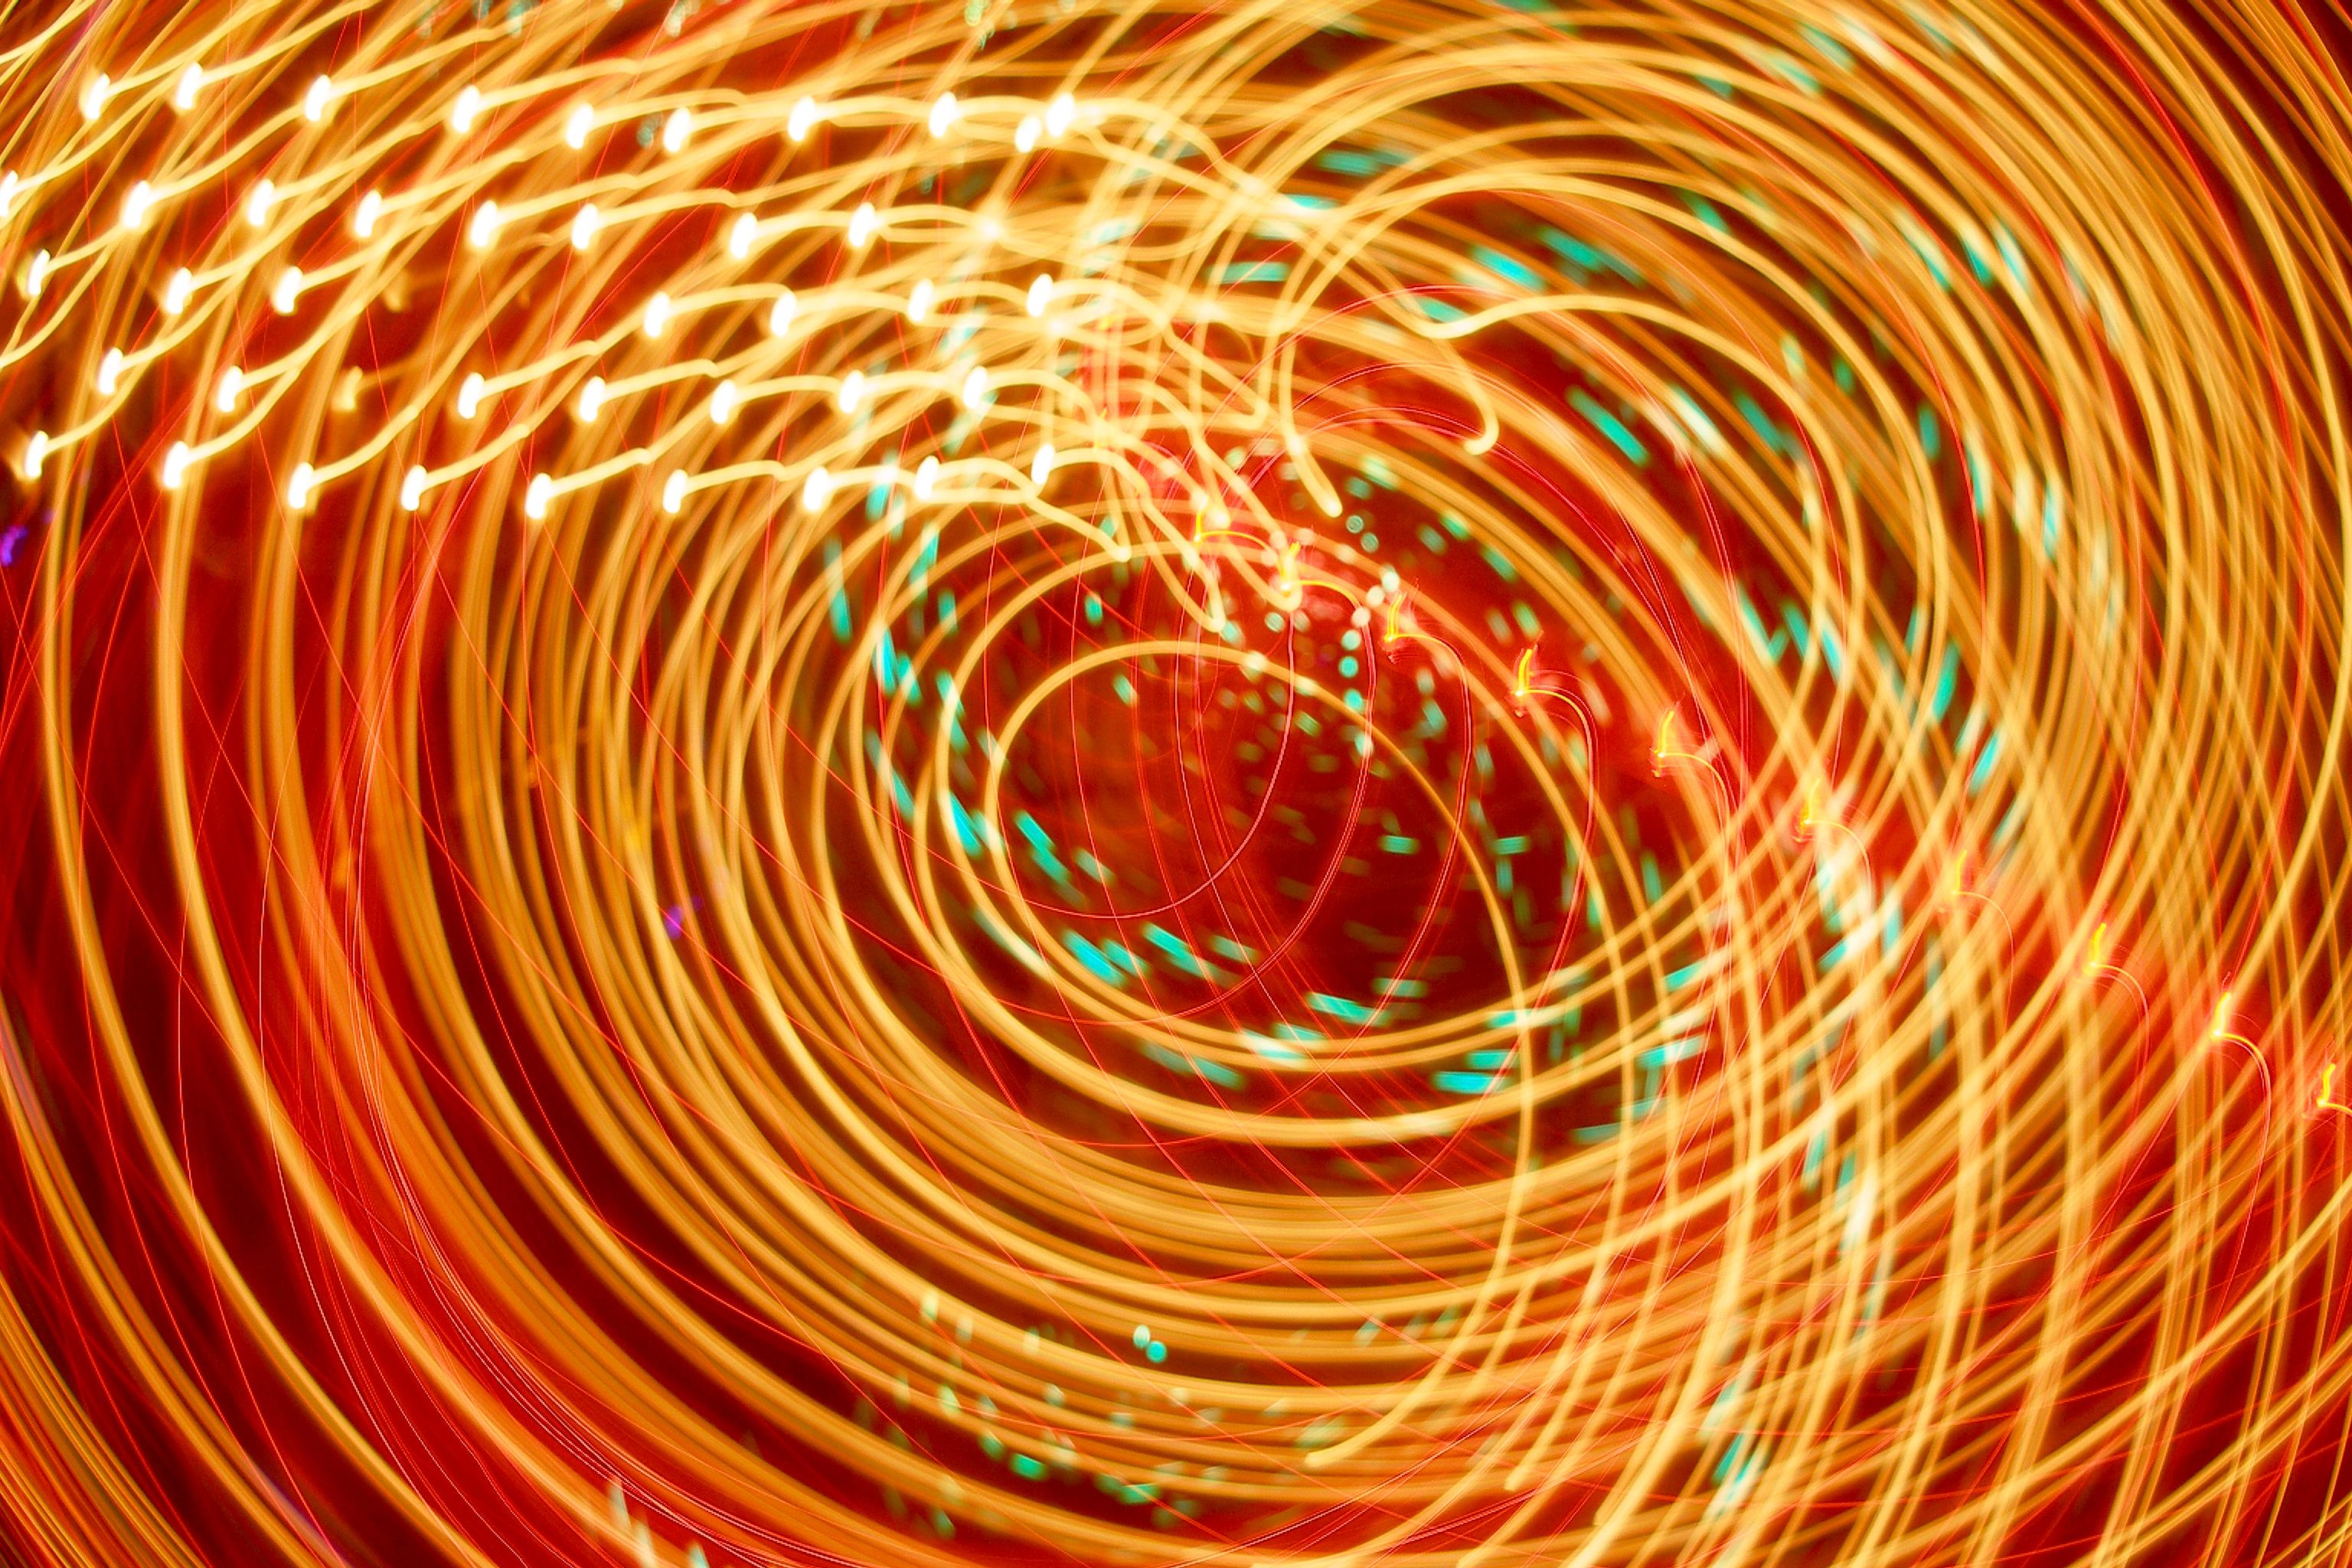 79653 免費下載壁紙 抽象, 横梁, 光束, 氖, 尼翁, 辉光, 发光, 打旋, 旋转, 明亮的, 明亮, 橙子 屏保和圖片